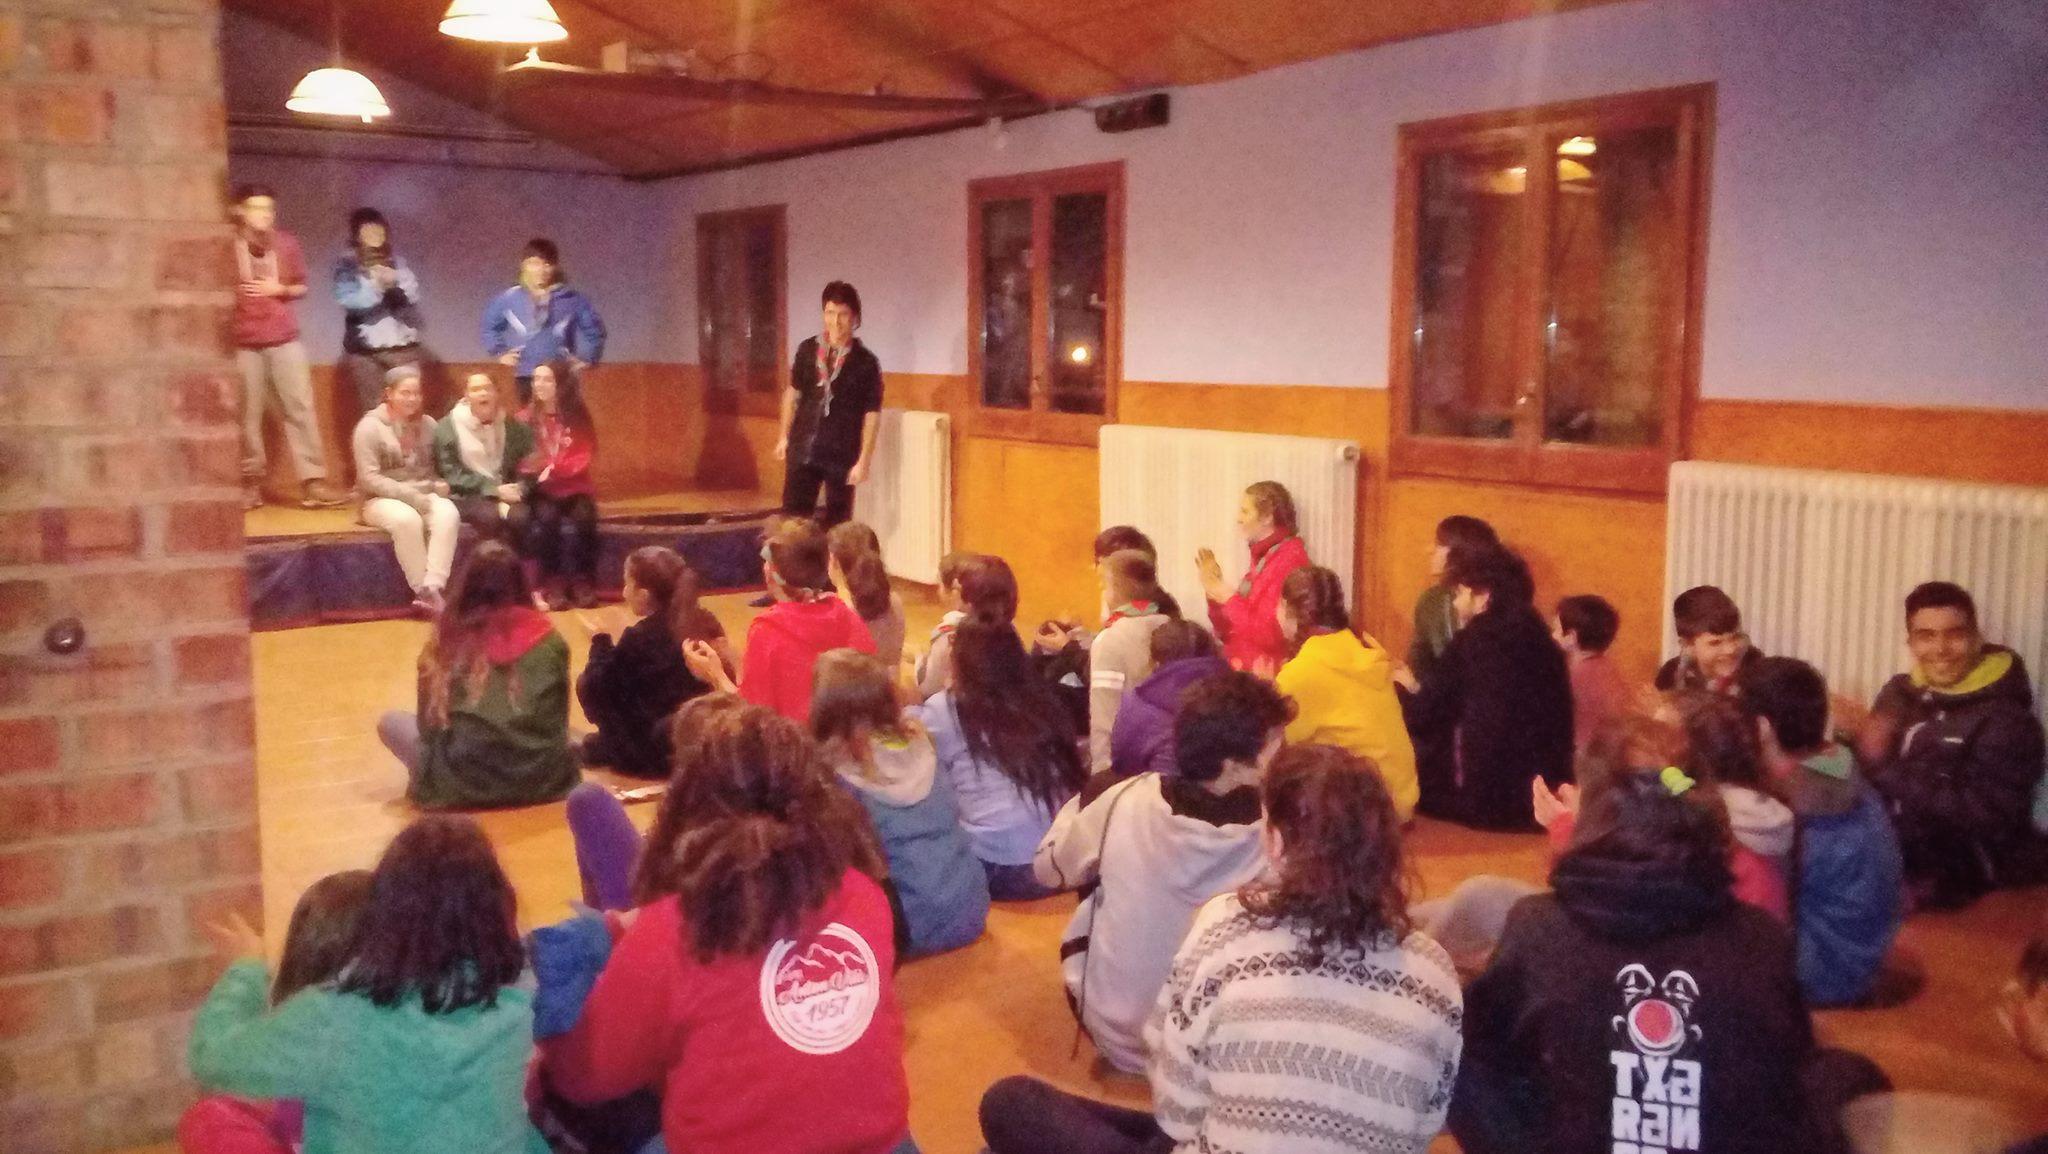 Activitat de l'AEiG Anton Vilà durant els campaments d'hivern a Castellar de n'Hug